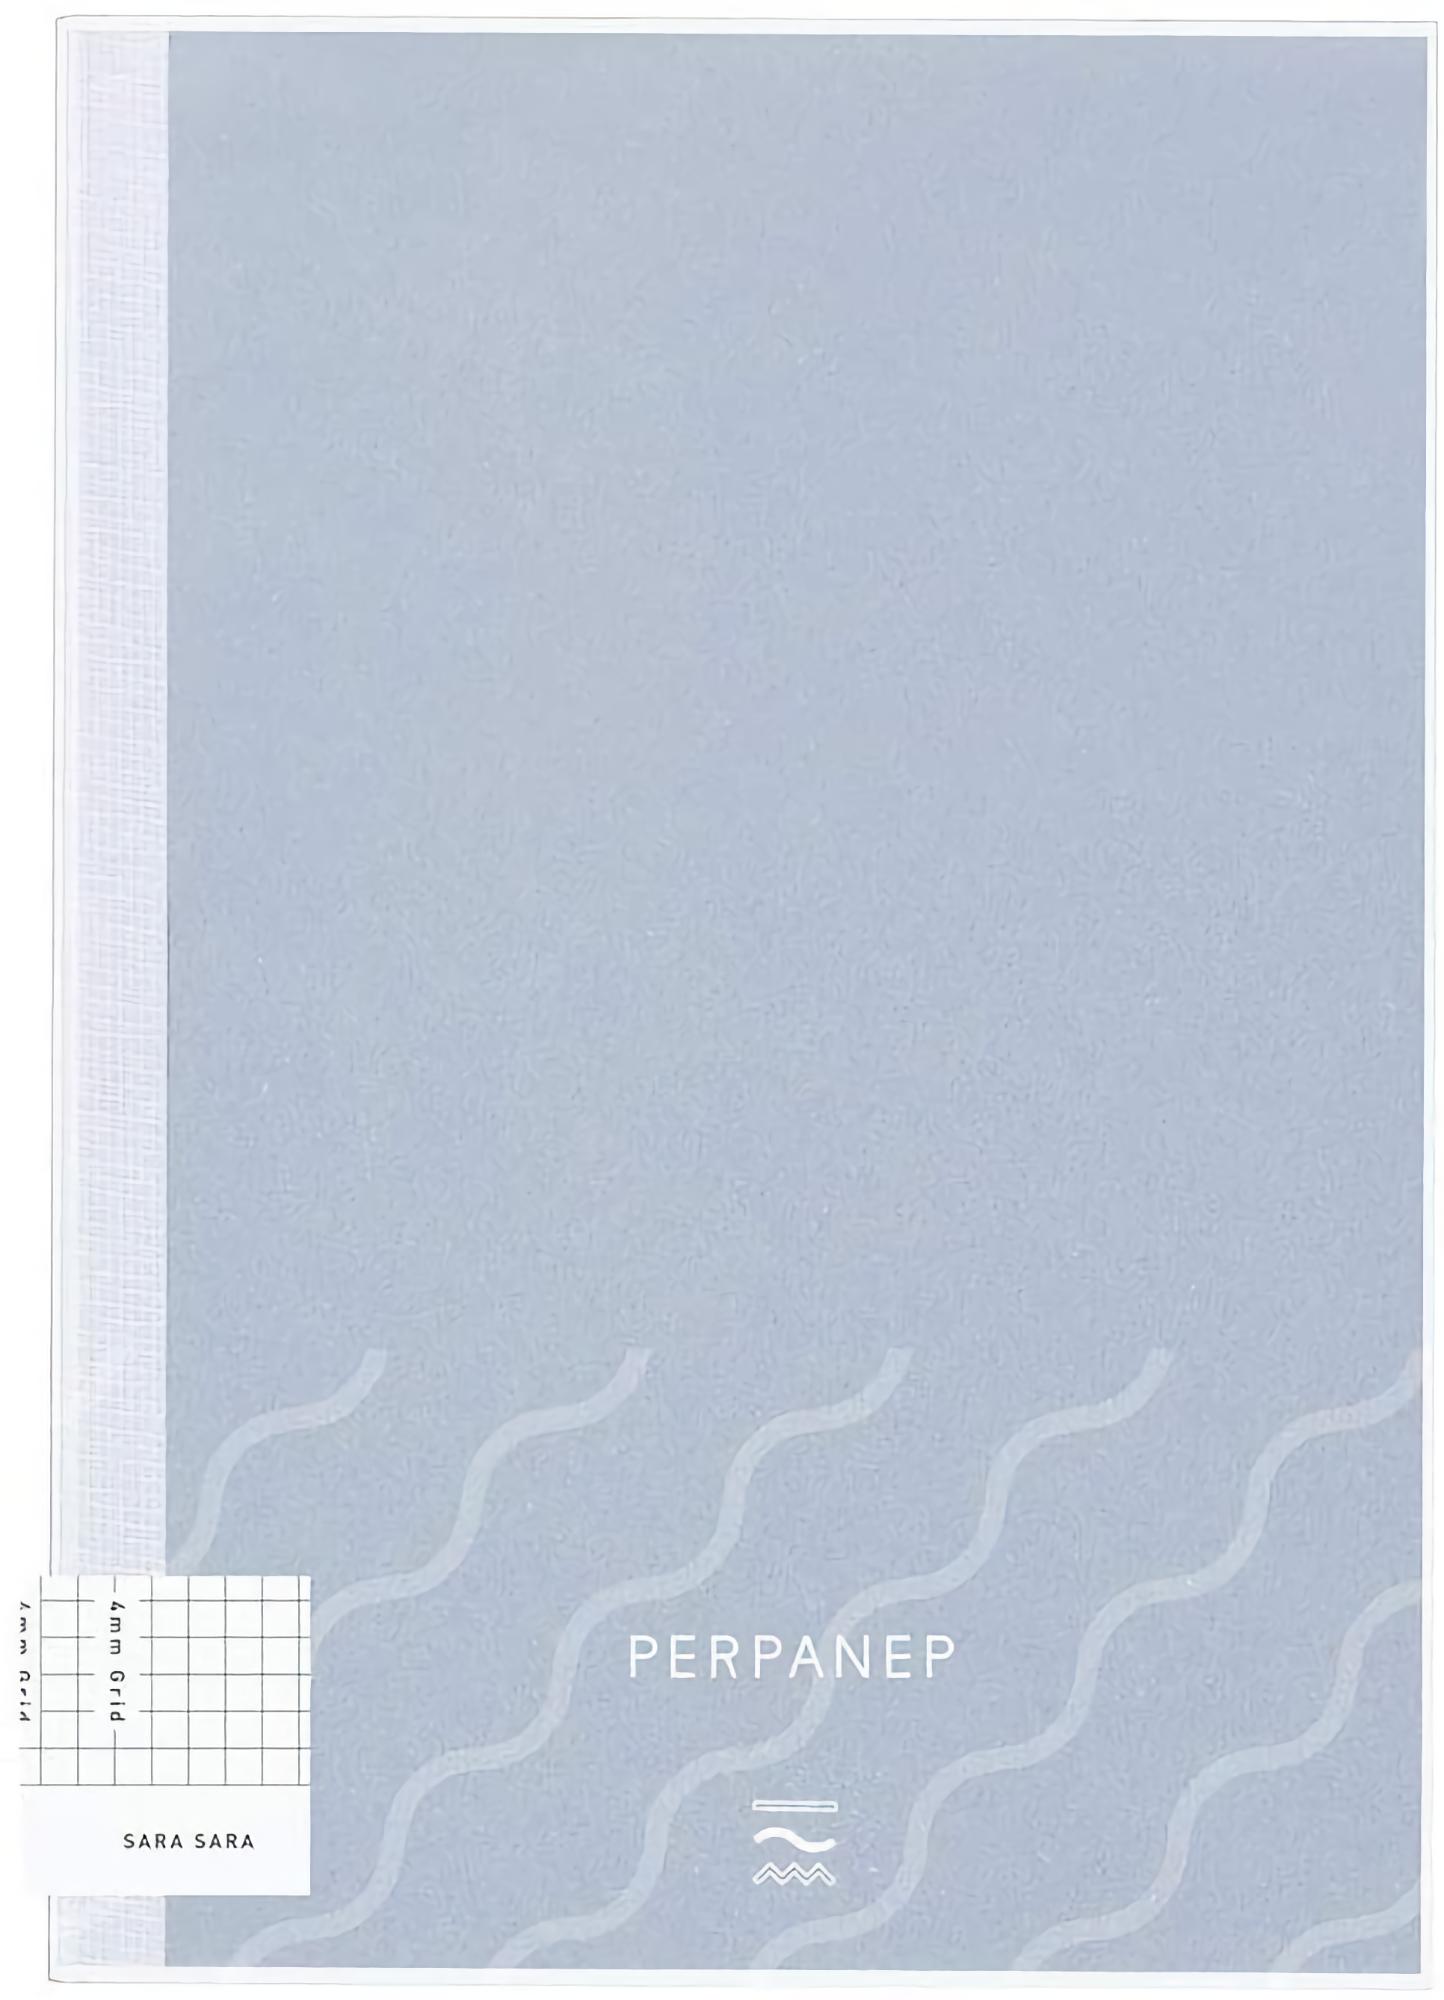 Kokuyo PERPANEP Notebook - Sara Sara A5 4 mm Rutad